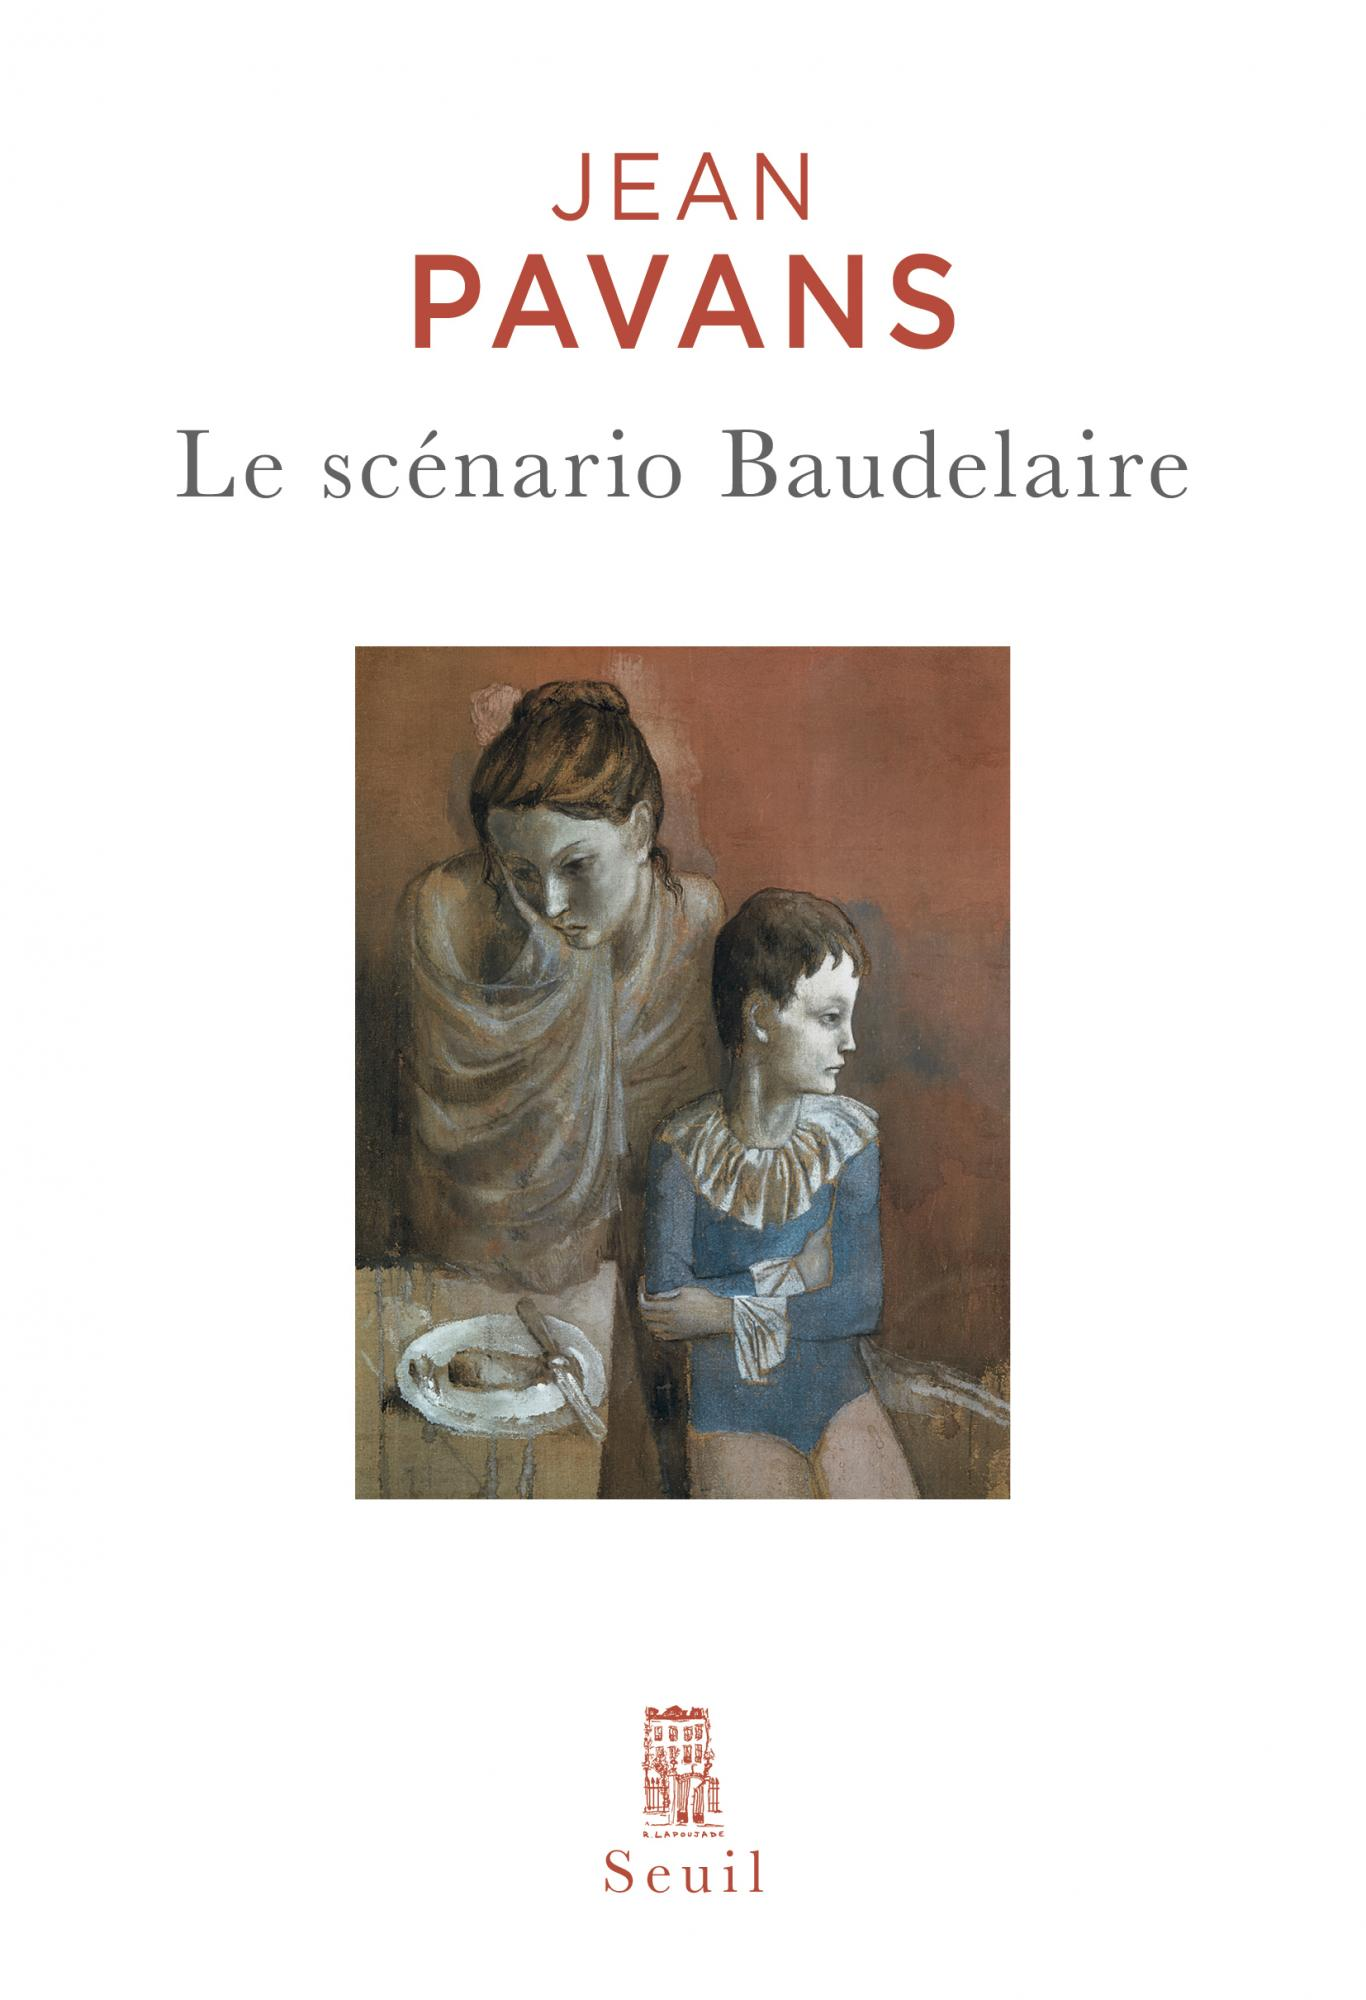 Le scénario Baudelaire